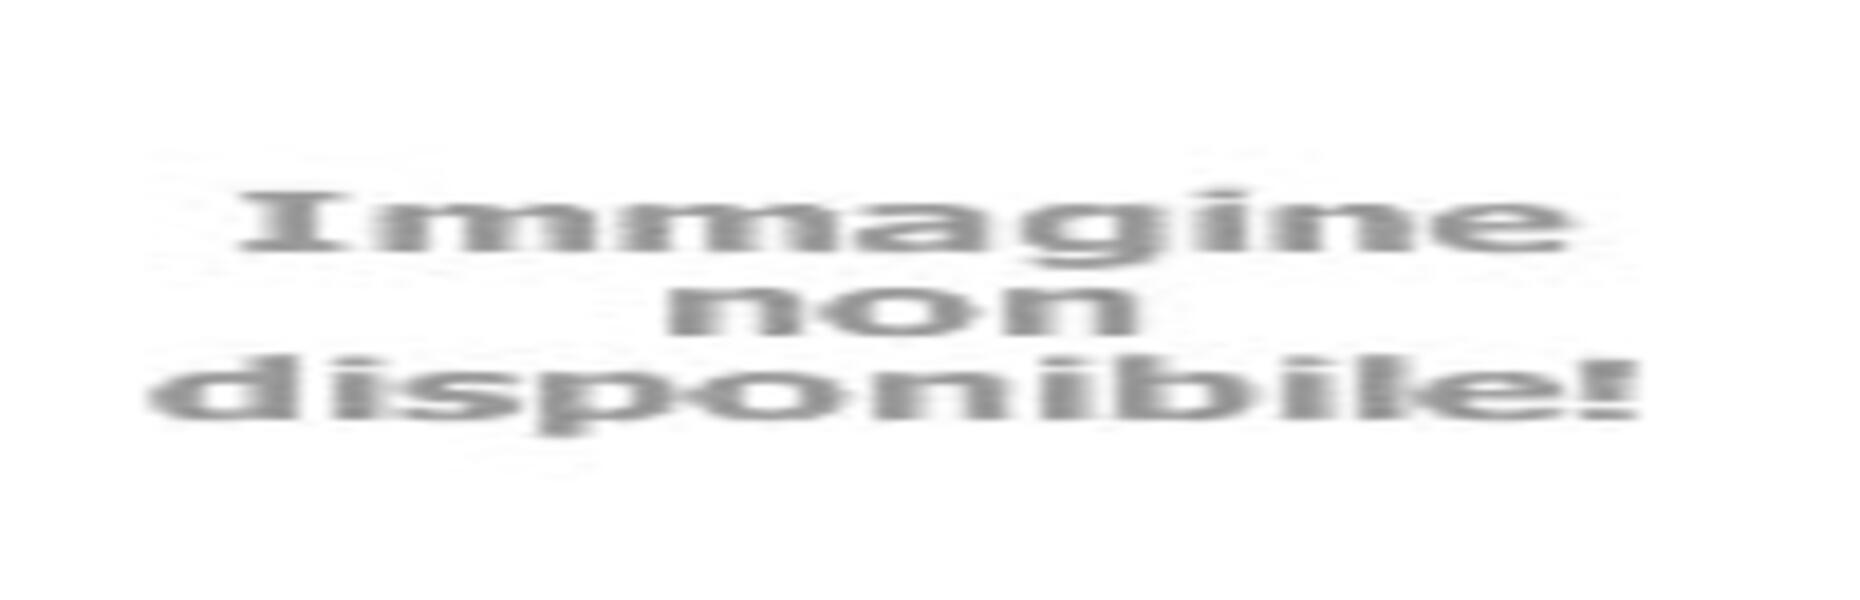 Ricette tipiche toscane e umbre del ristorante di logge for Ricette toscane